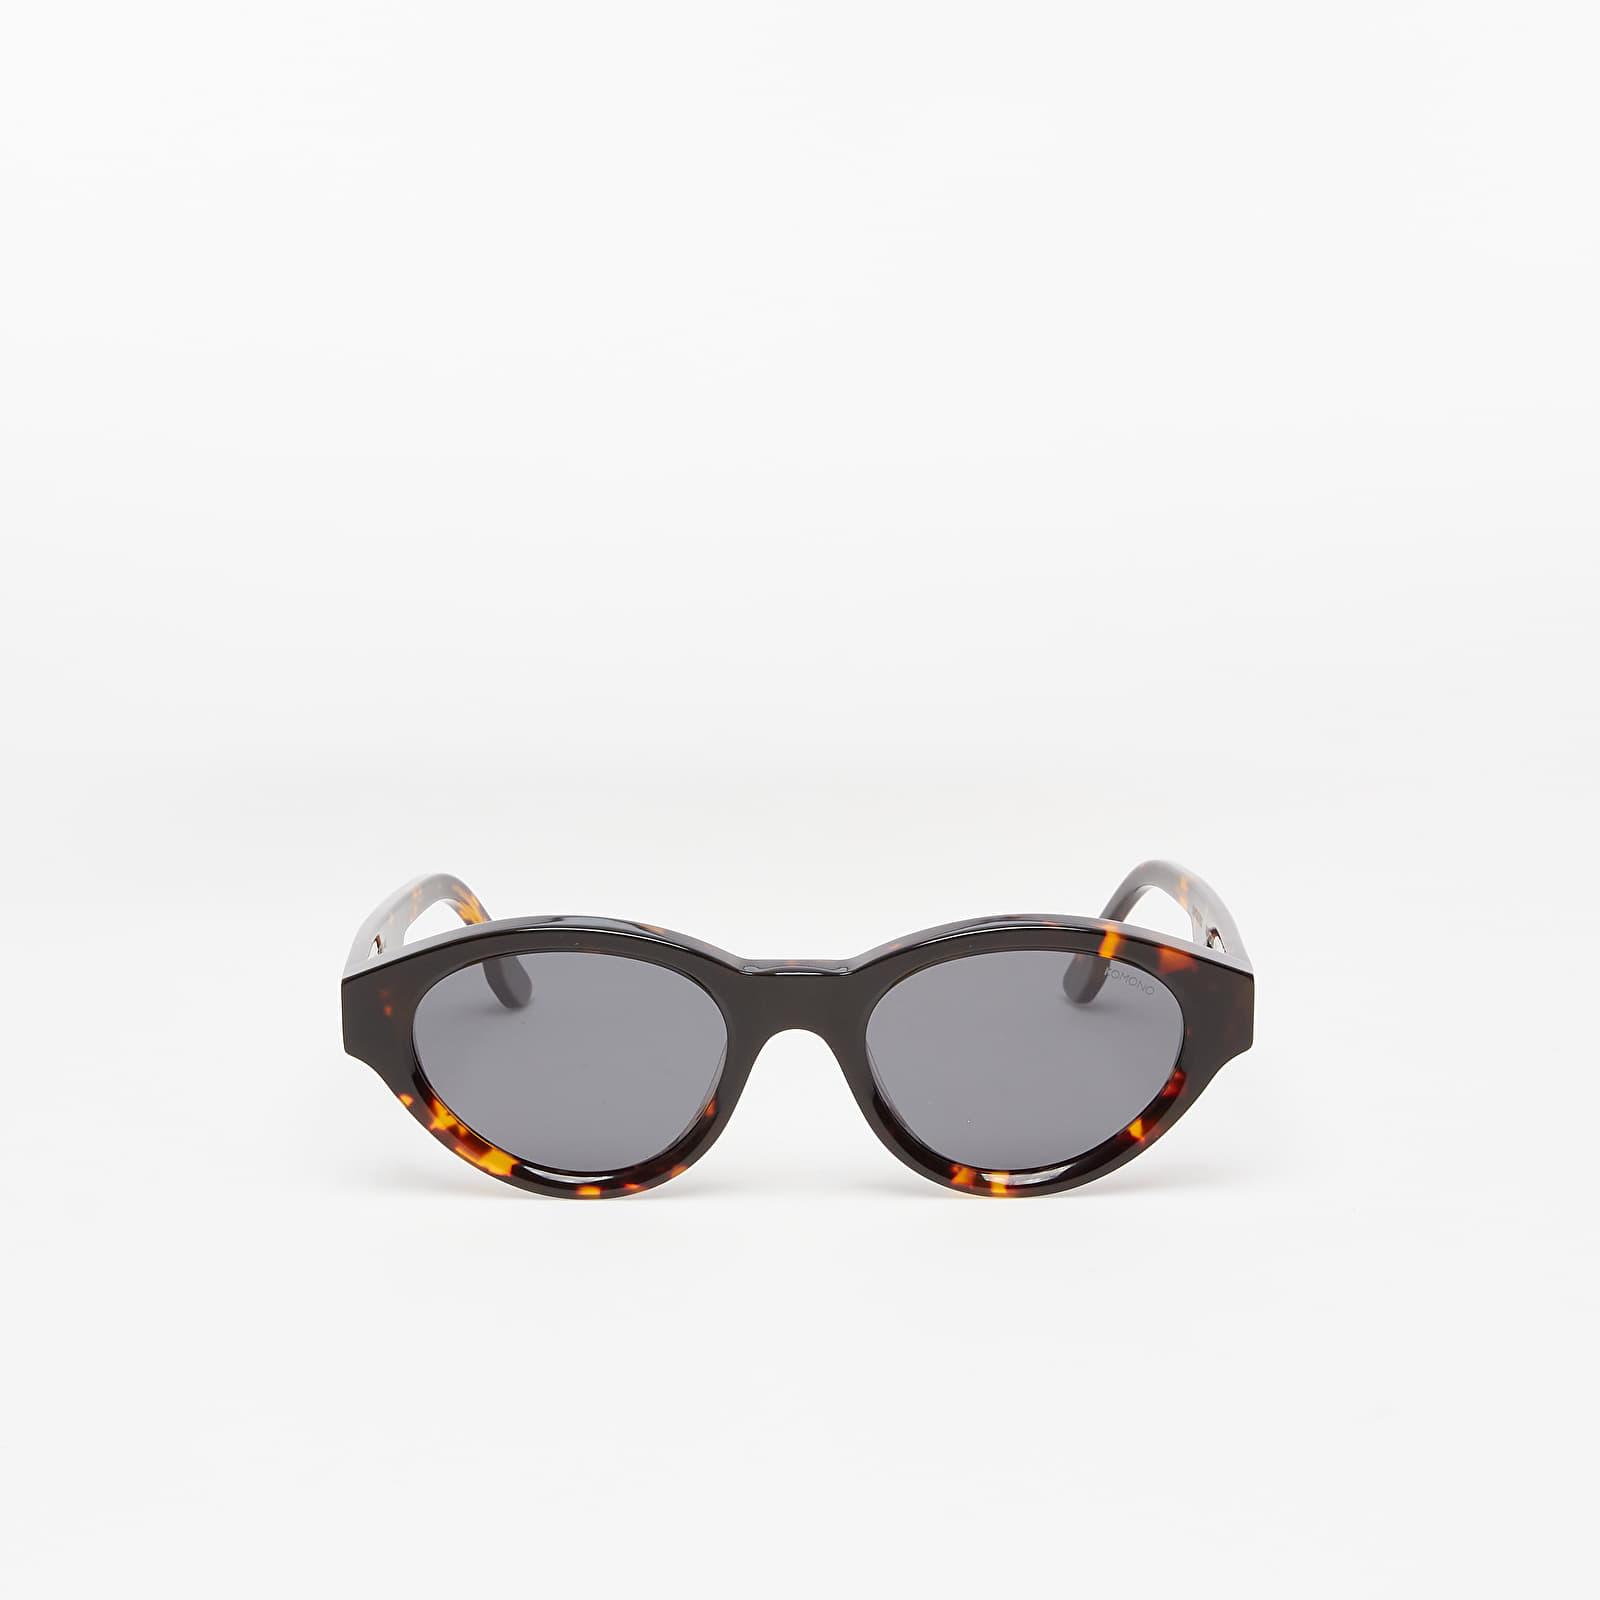 Ochelari de soare KOMONO Kiki Glasses Tortoise